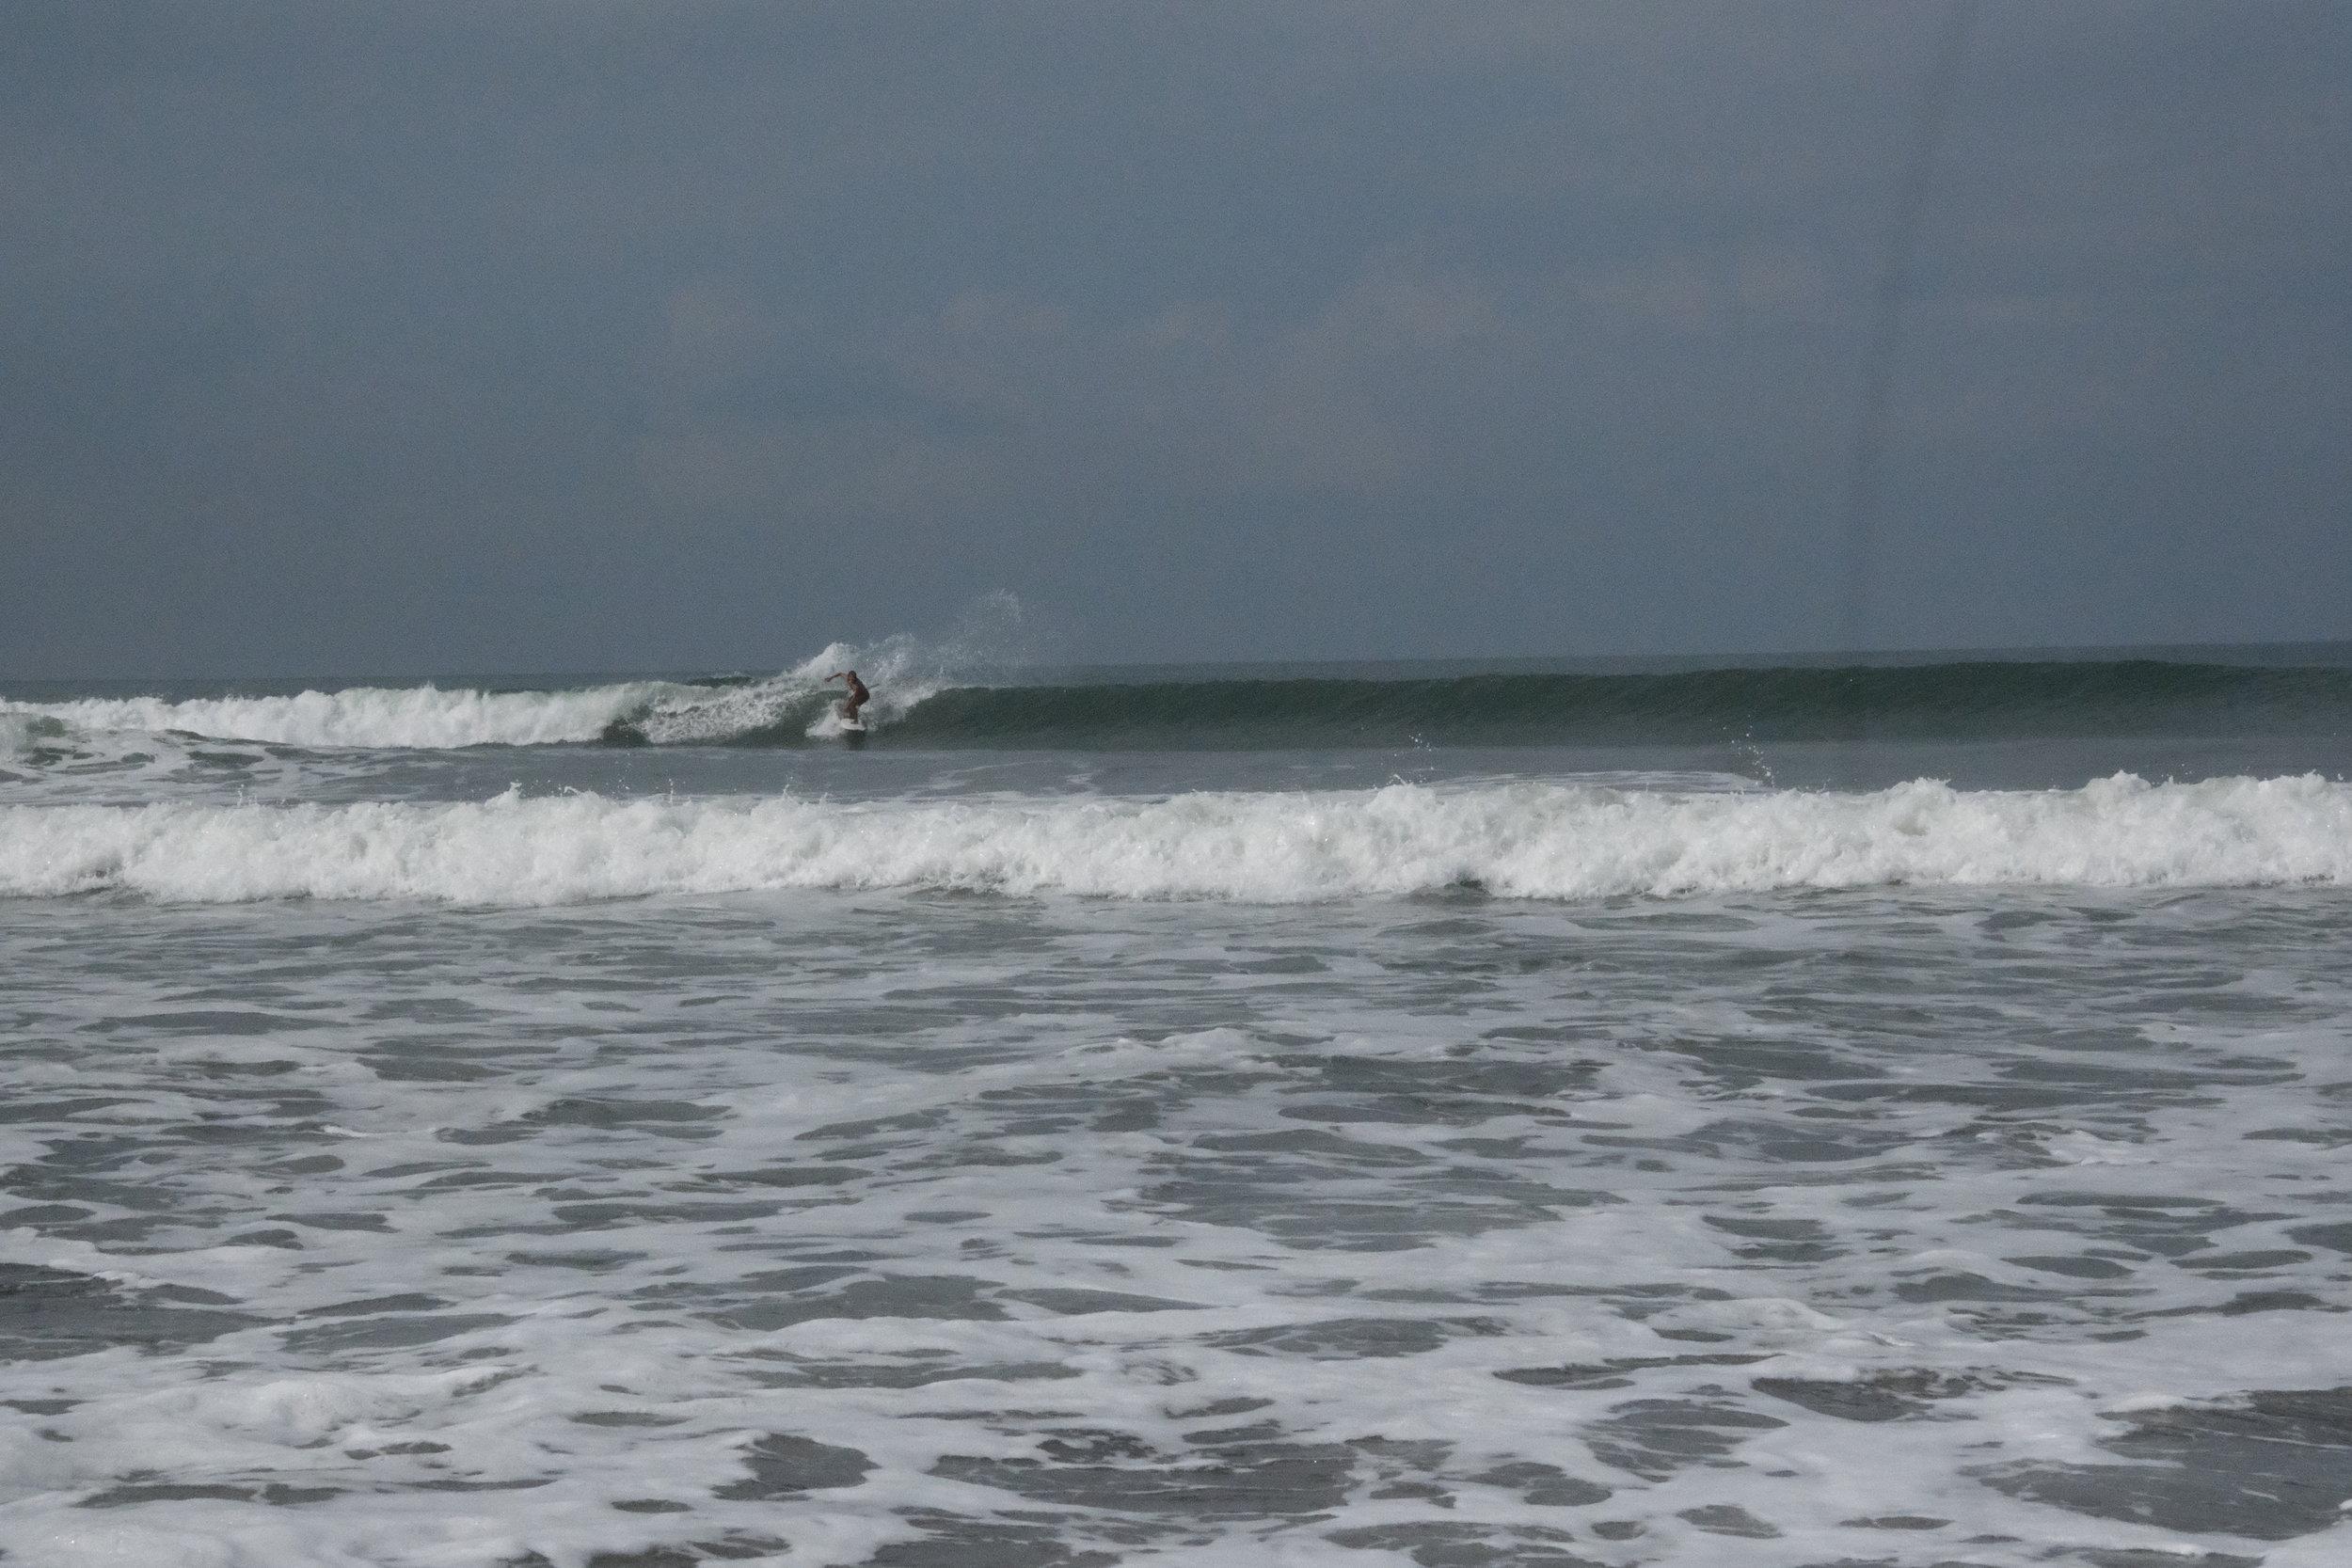 Mighty Otter Surfboards Lo Fi Indo Bali Lotta Surfs DSCF2082.JPG